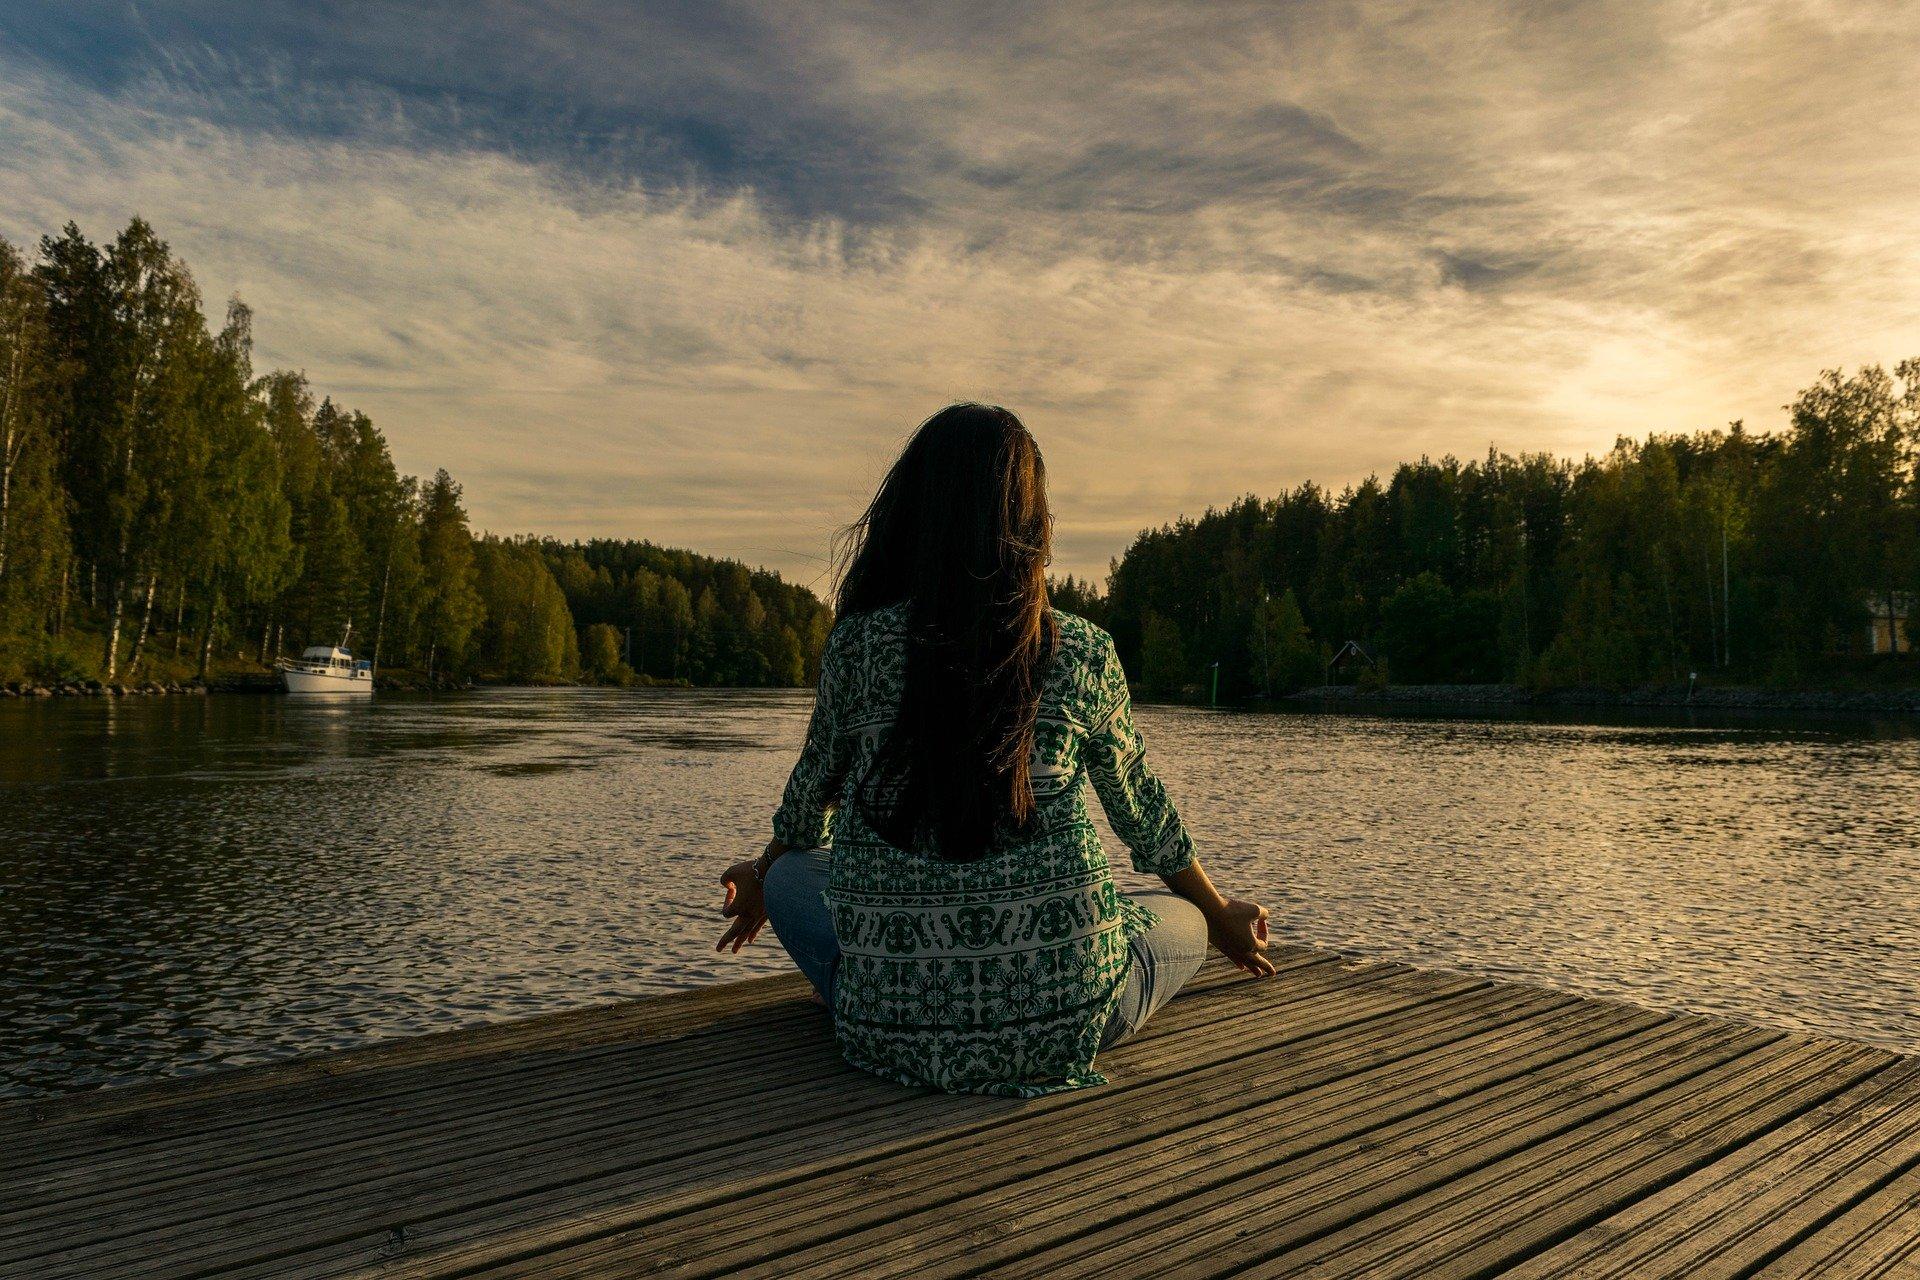 Jak spędzić urlop, żeby wypocząć?